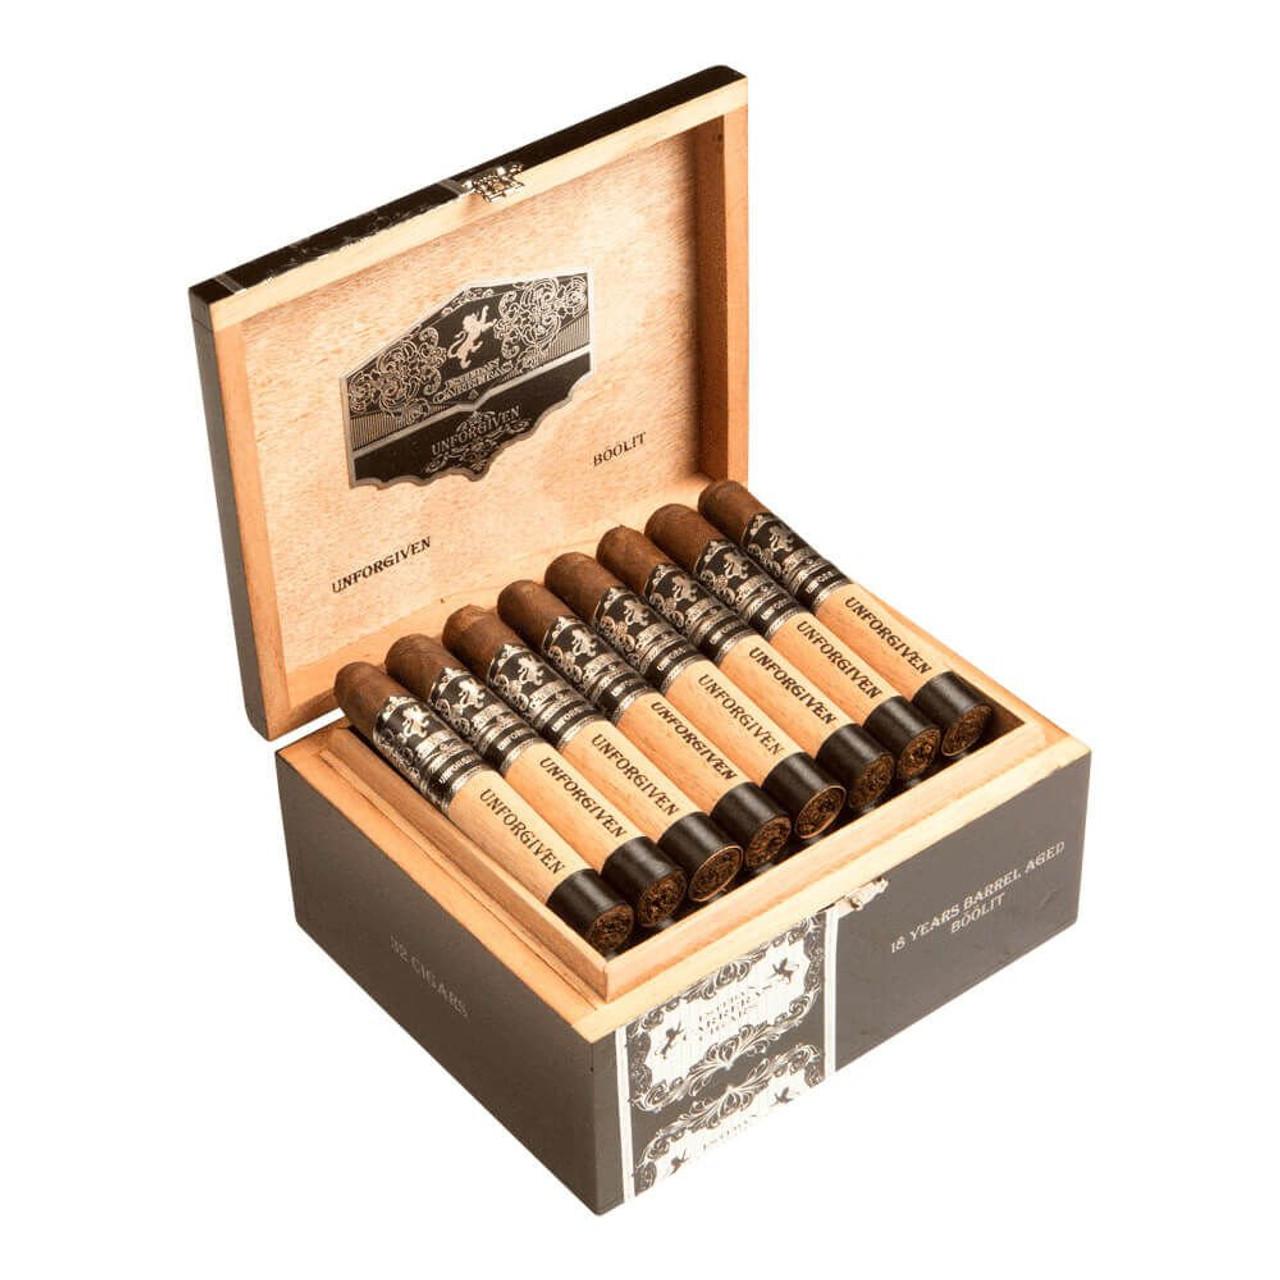 Esteban Carreras Unforgiven Wrecking Ball Cigars - 6 x 70 (Box of 24)